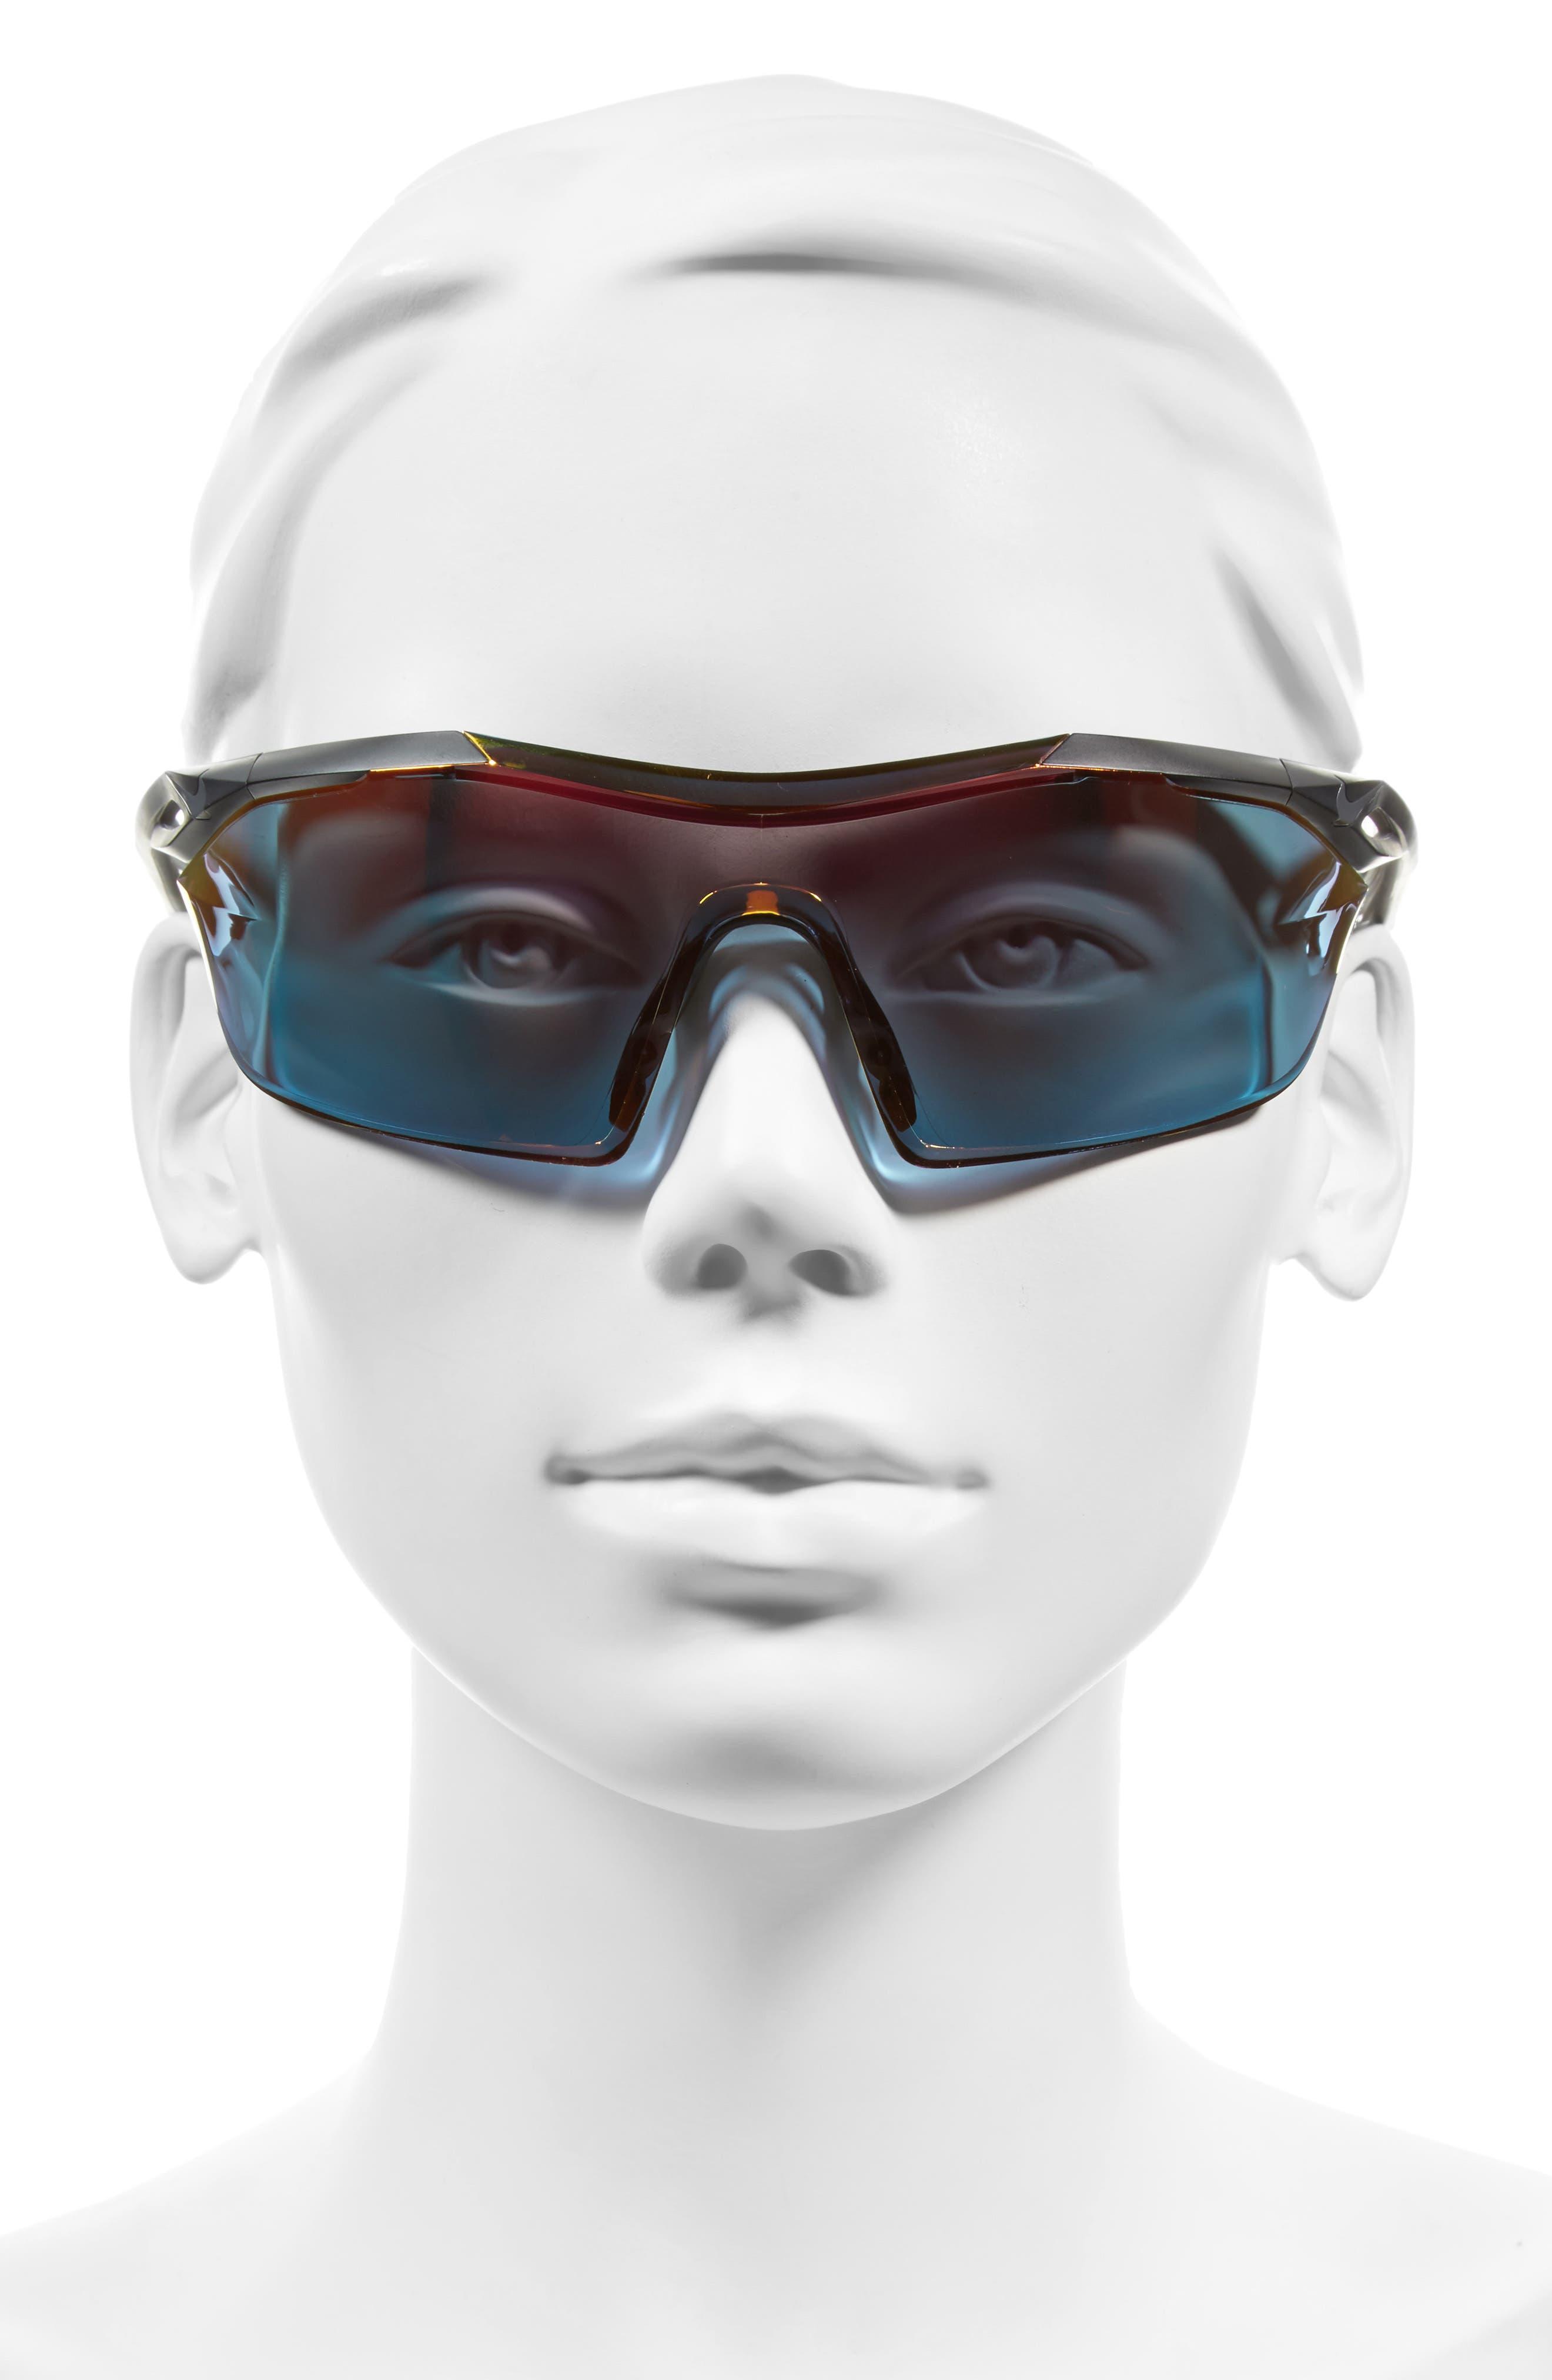 Vaporwing Elite 90mm Running Sunglasses,                             Alternate thumbnail 2, color,                             001